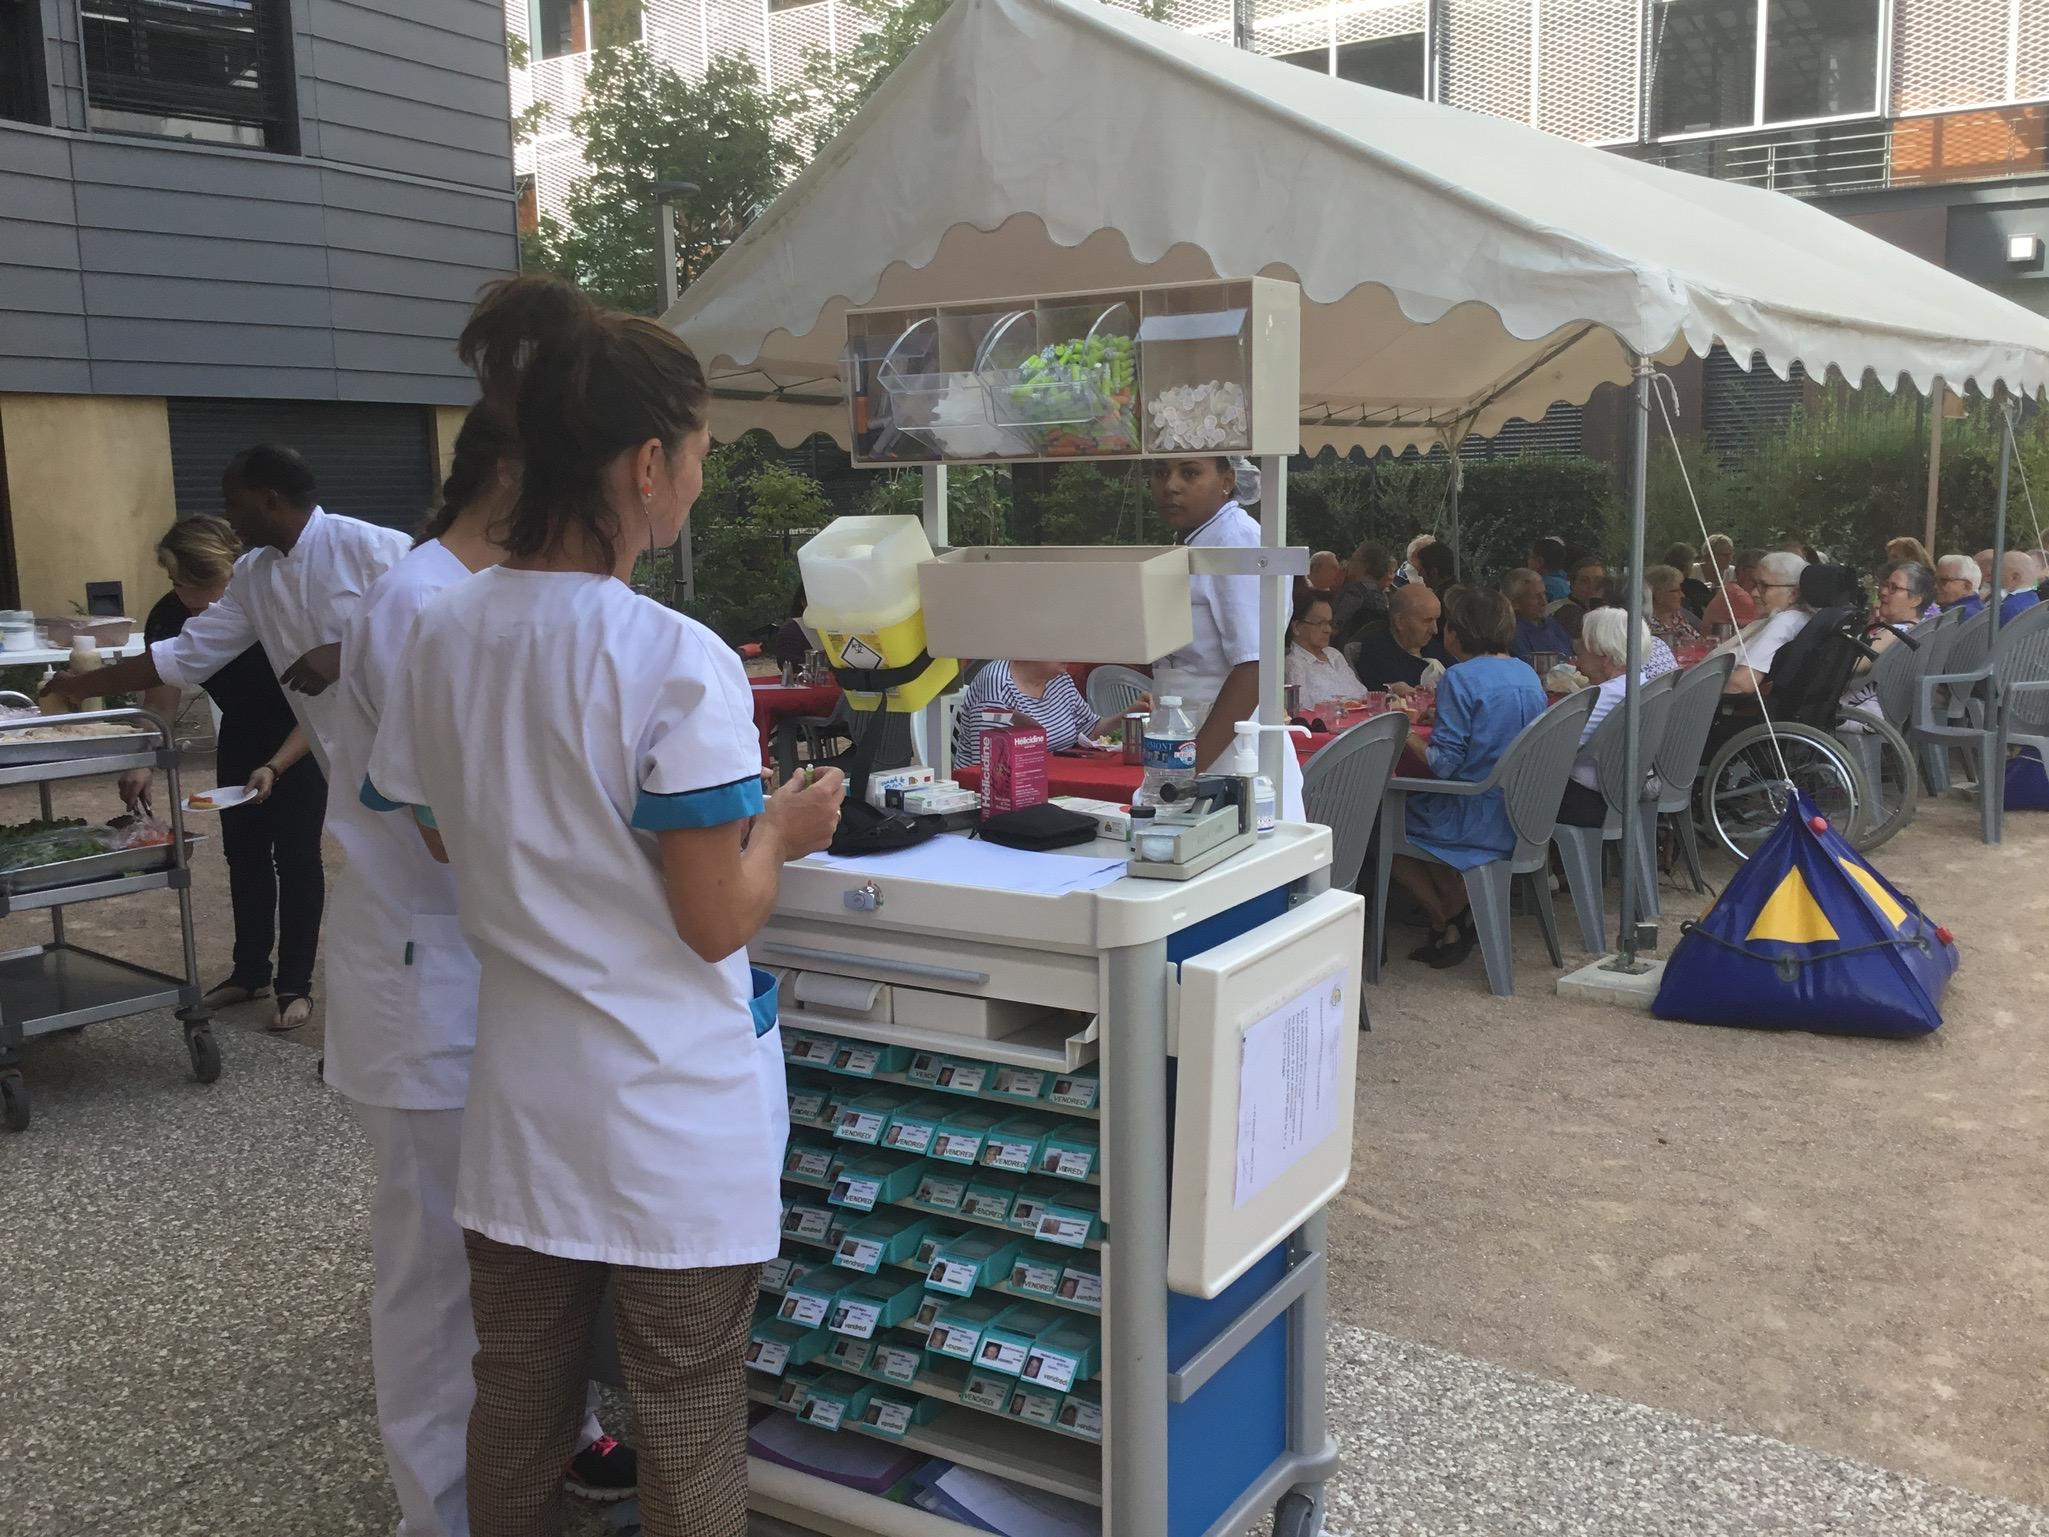 Repas sous chapiteau - cour des rencontres001